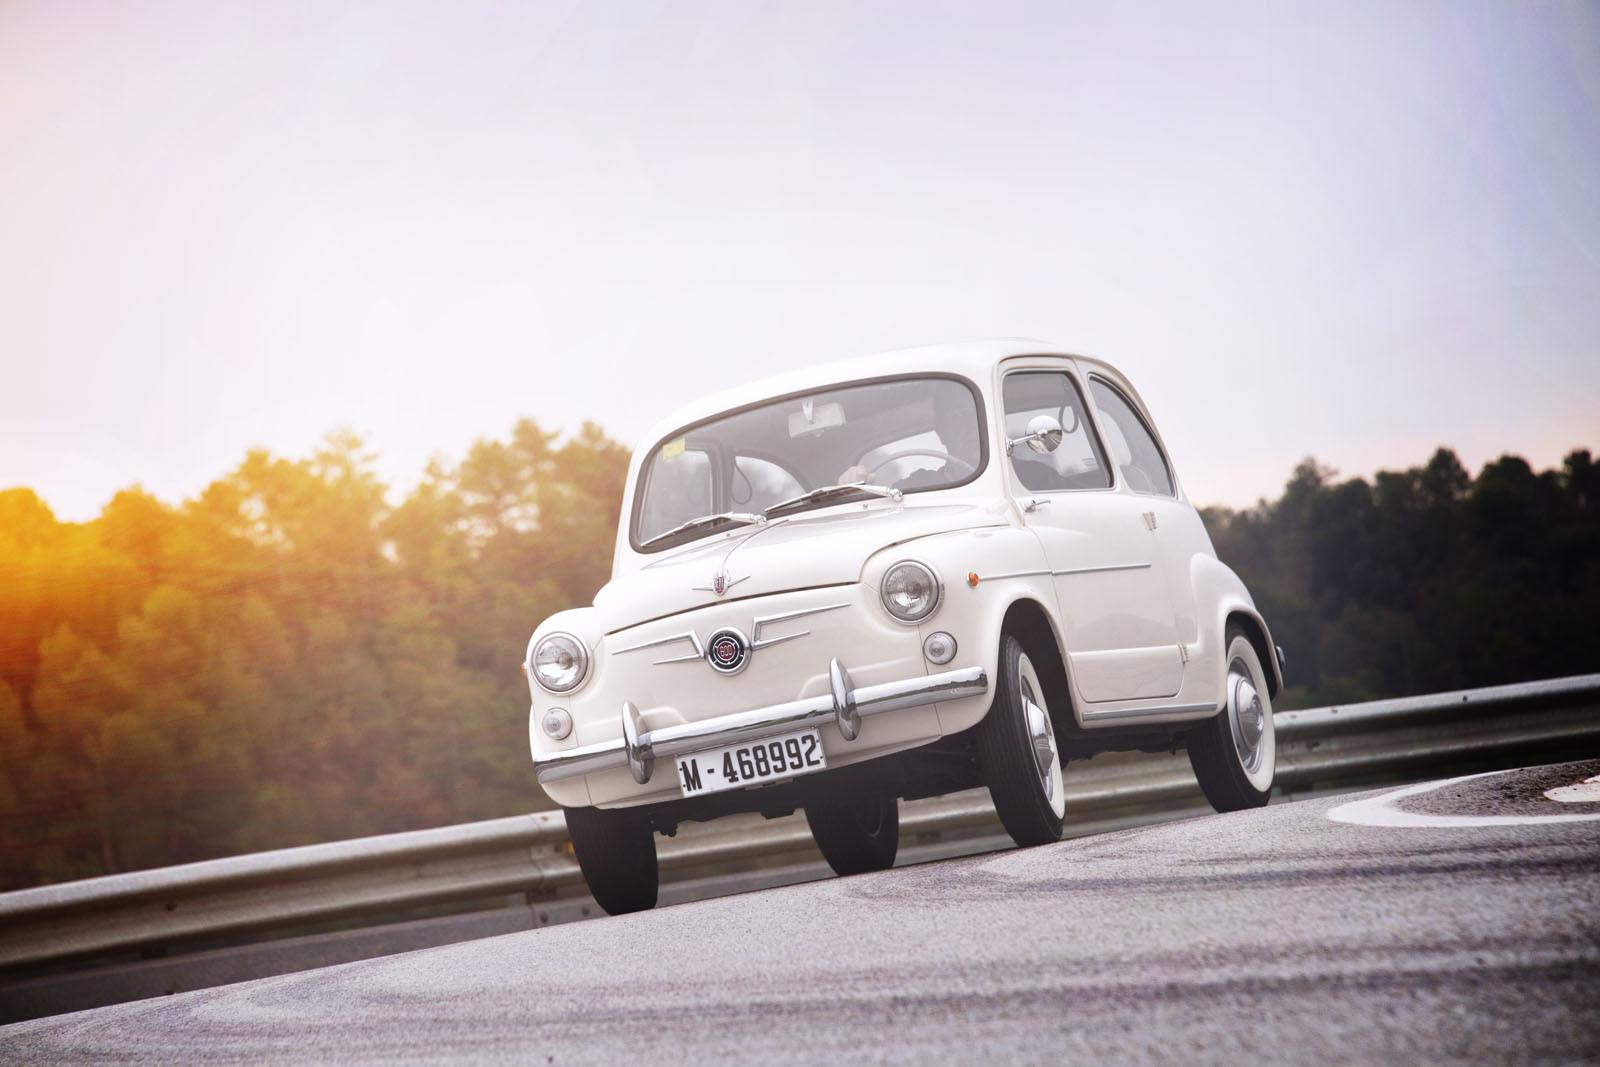 Foto de SEAT 600 (50 Aniversario) (30/64)